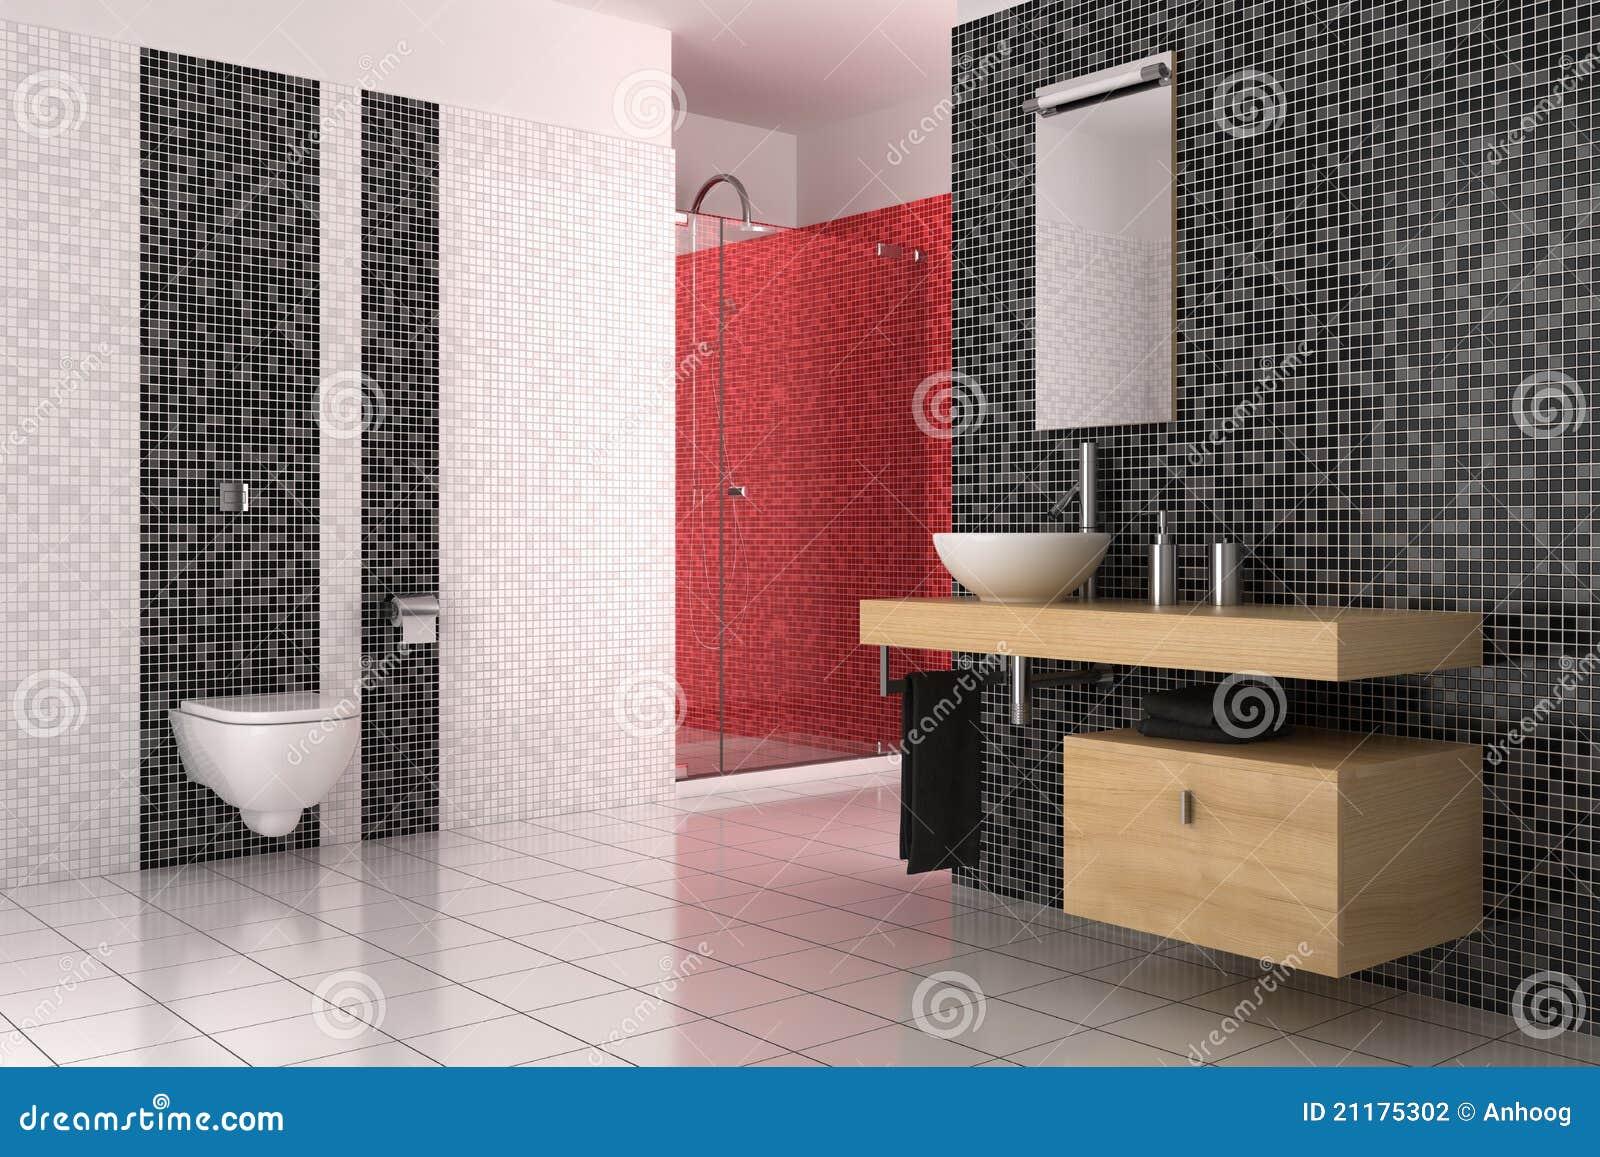 Baños Rojo Con Blanco: : Cuarto de baño moderno con los azulejos negros, rojos y blancos